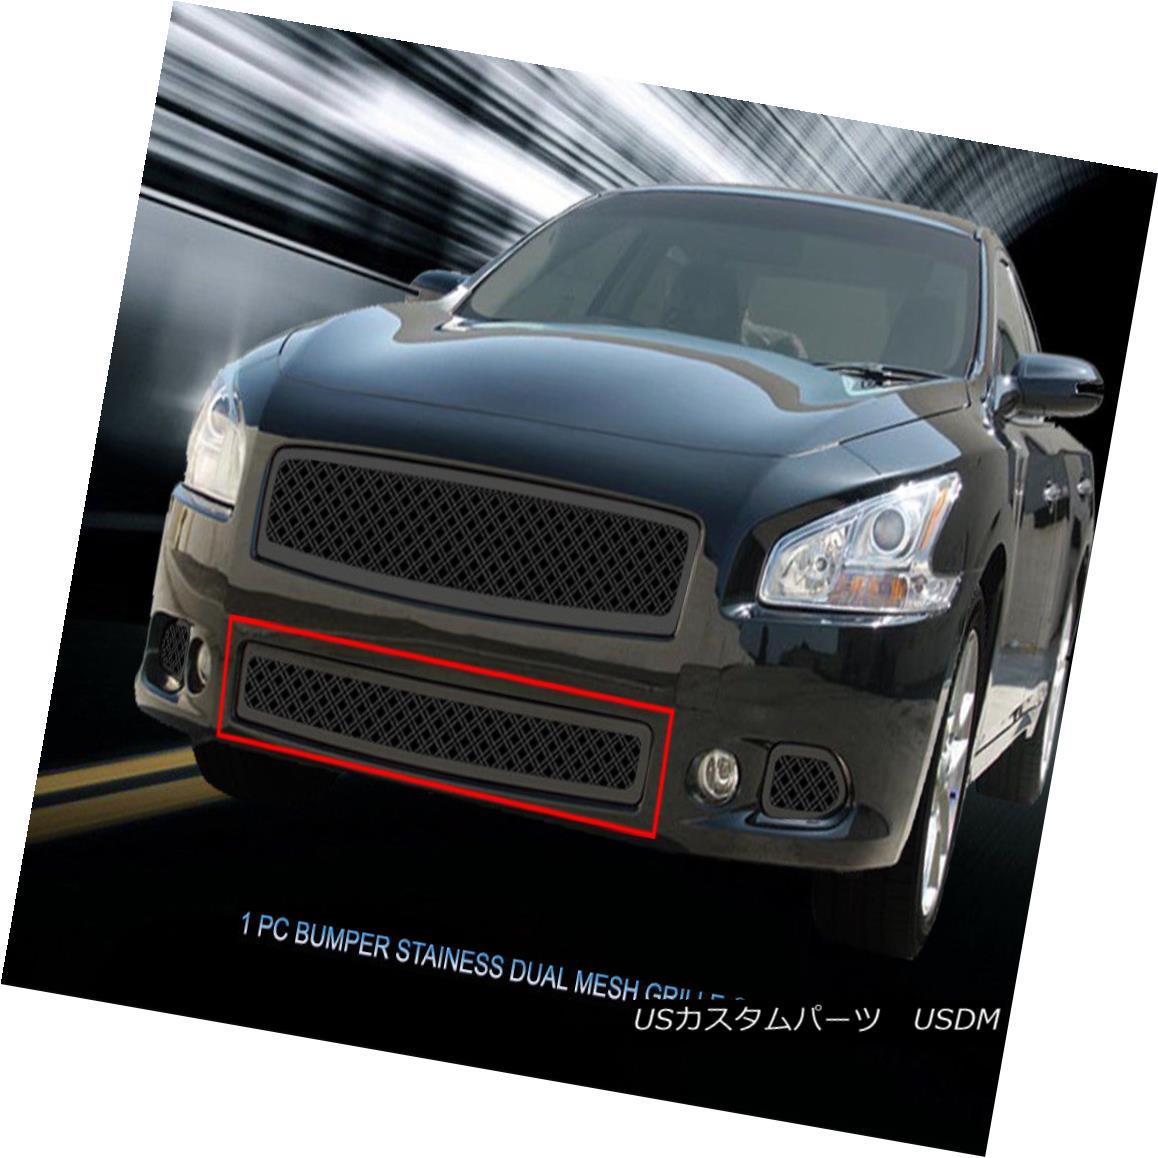 グリル Fedar Fits 2009-2014 Nissan Maxima Full Black Dual Weave Mesh Grille Insert Fedar Fits 2009-2014日産マキシマフルブラックデュアルウィーブメッシュグリルインサート